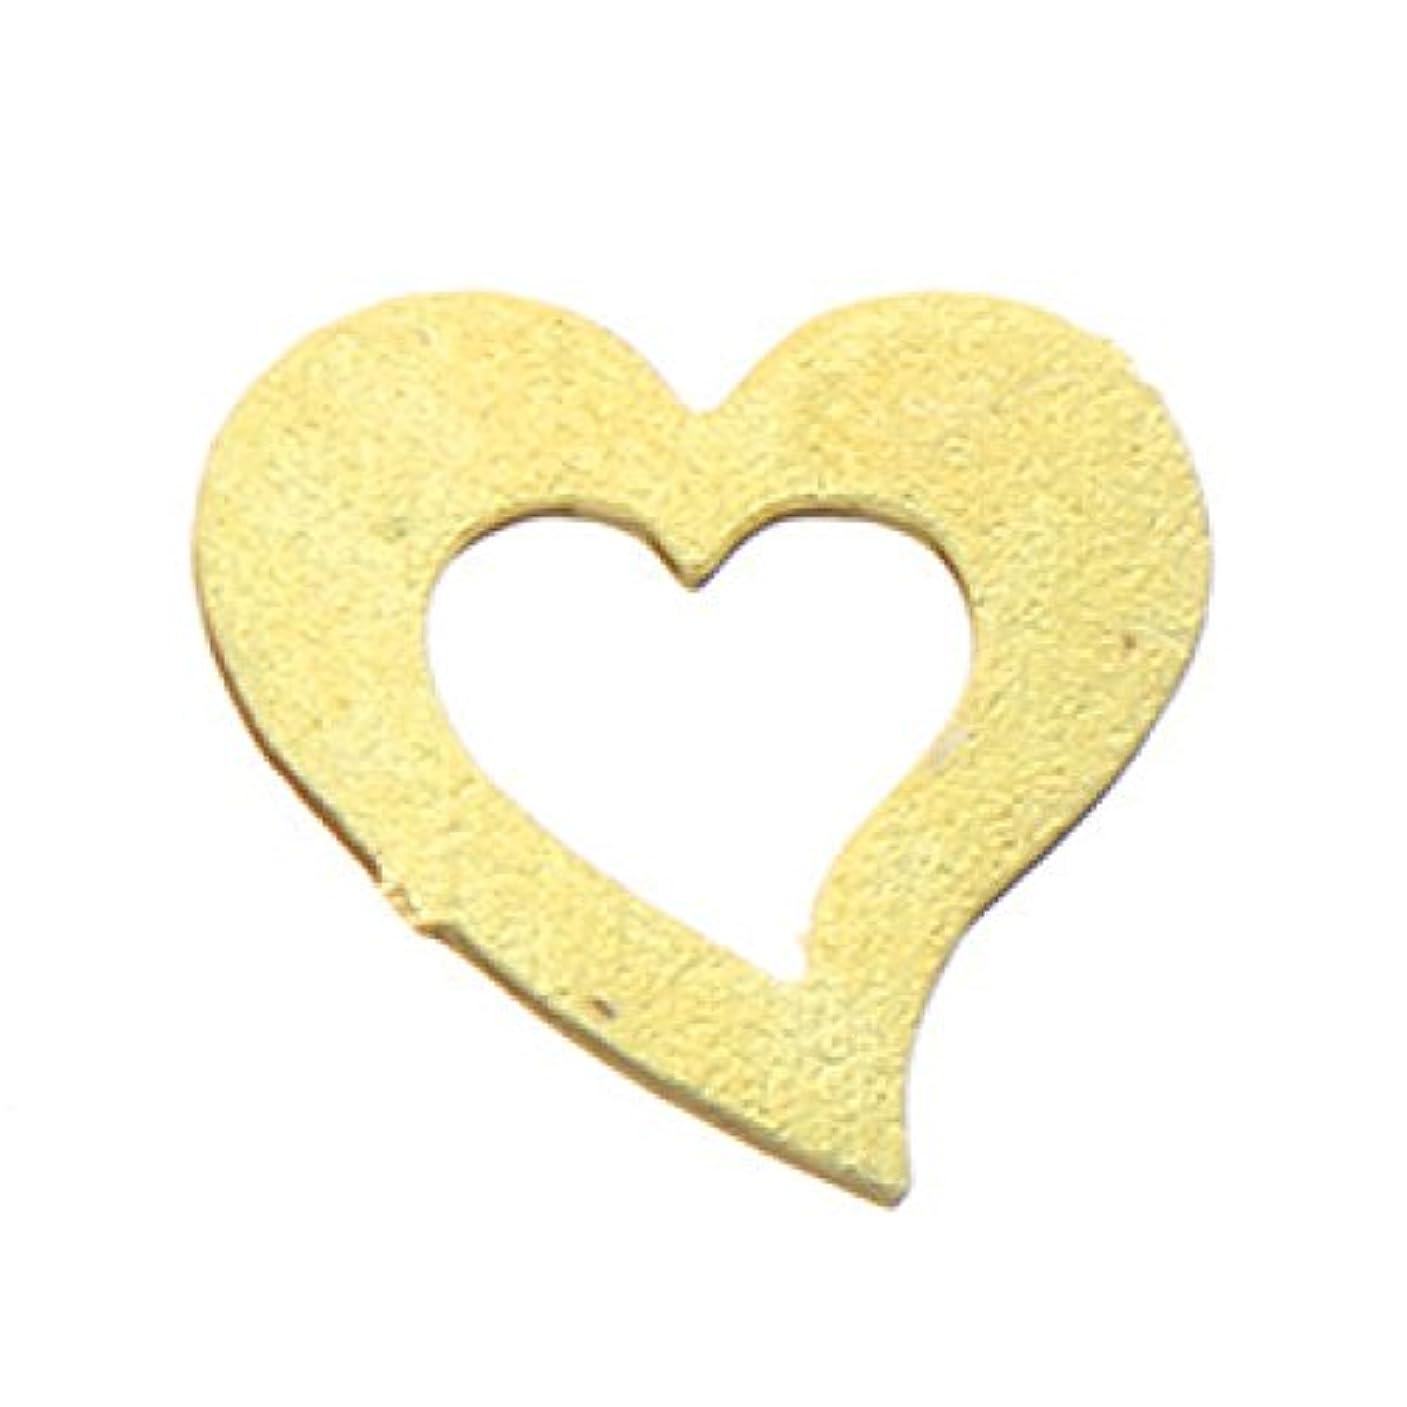 頑張る意気揚々空いているメタルプレート(ネイルストーン デコ)ハート (30個入り) ゴールド(ネイル用品)